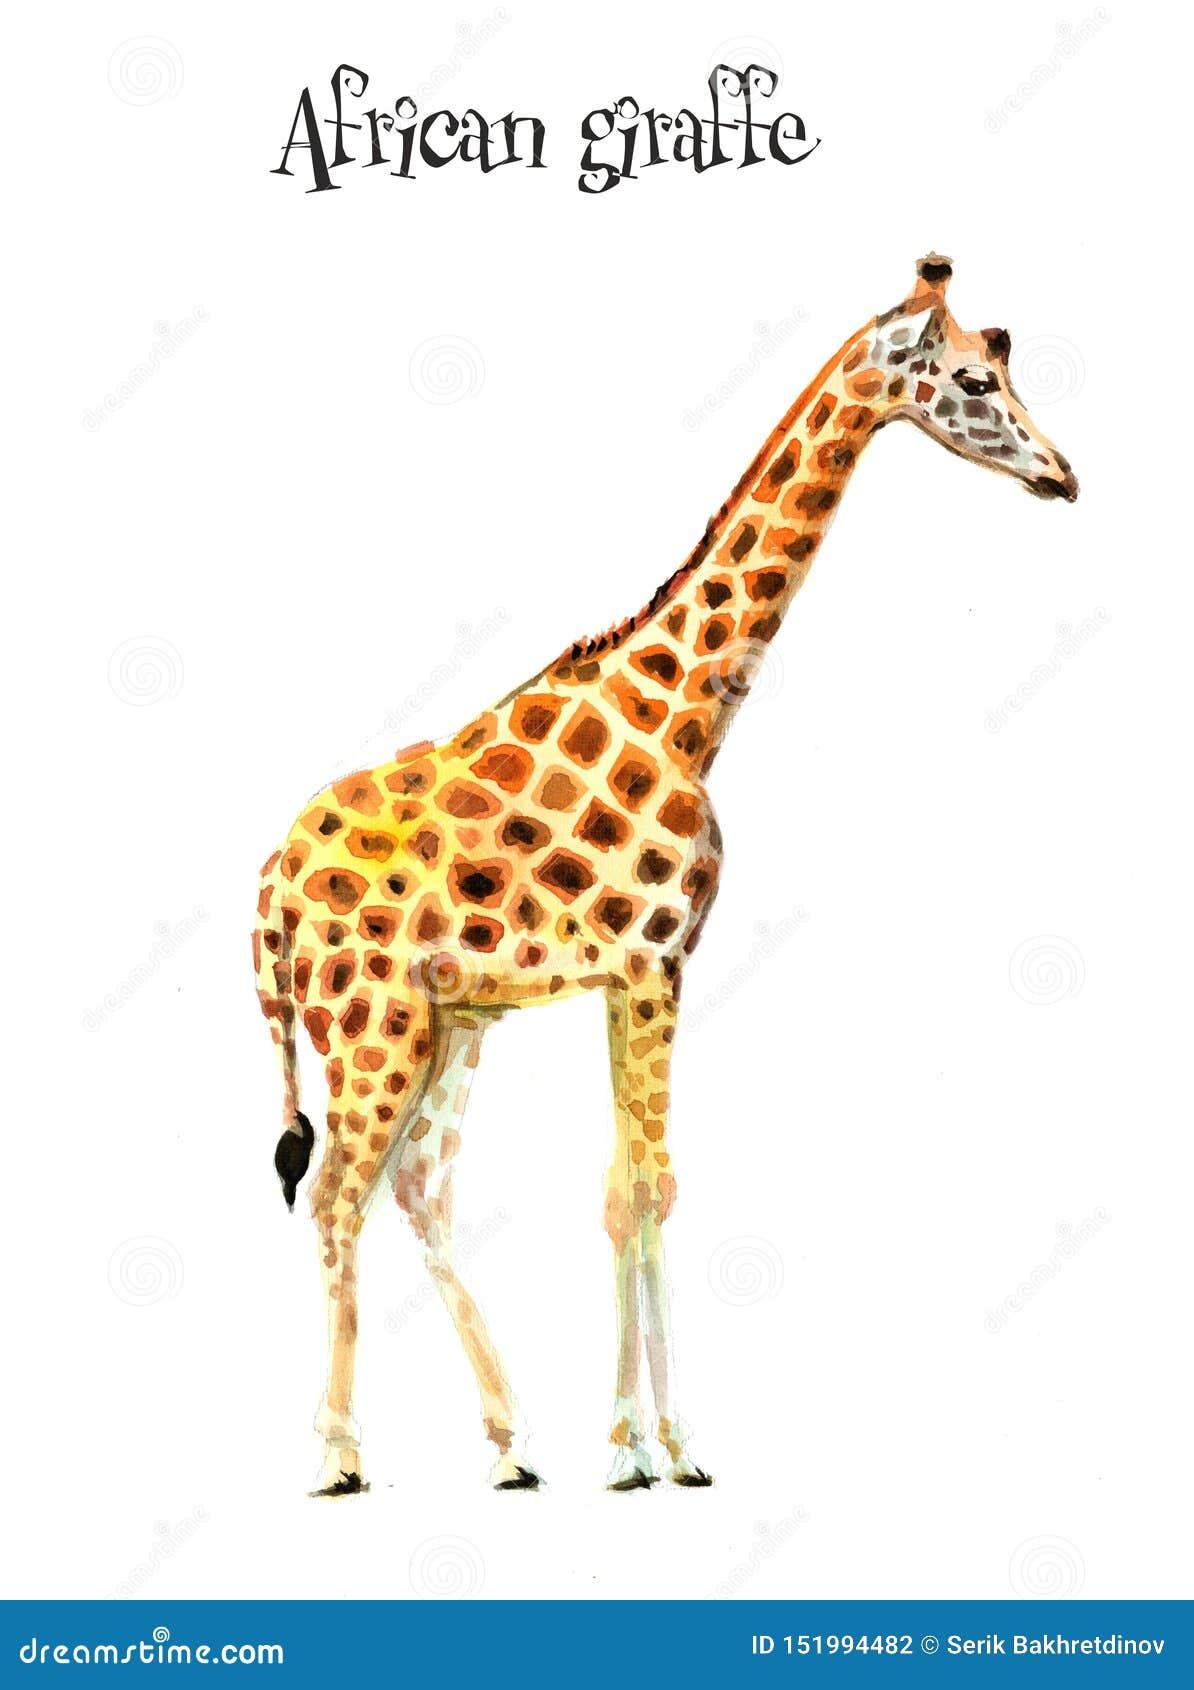 Afrikan giraffe1 illustrat?ren f?r illustrationen f?r handen f?r borstekol g?r teckningen tecknade som look pastell till traditio